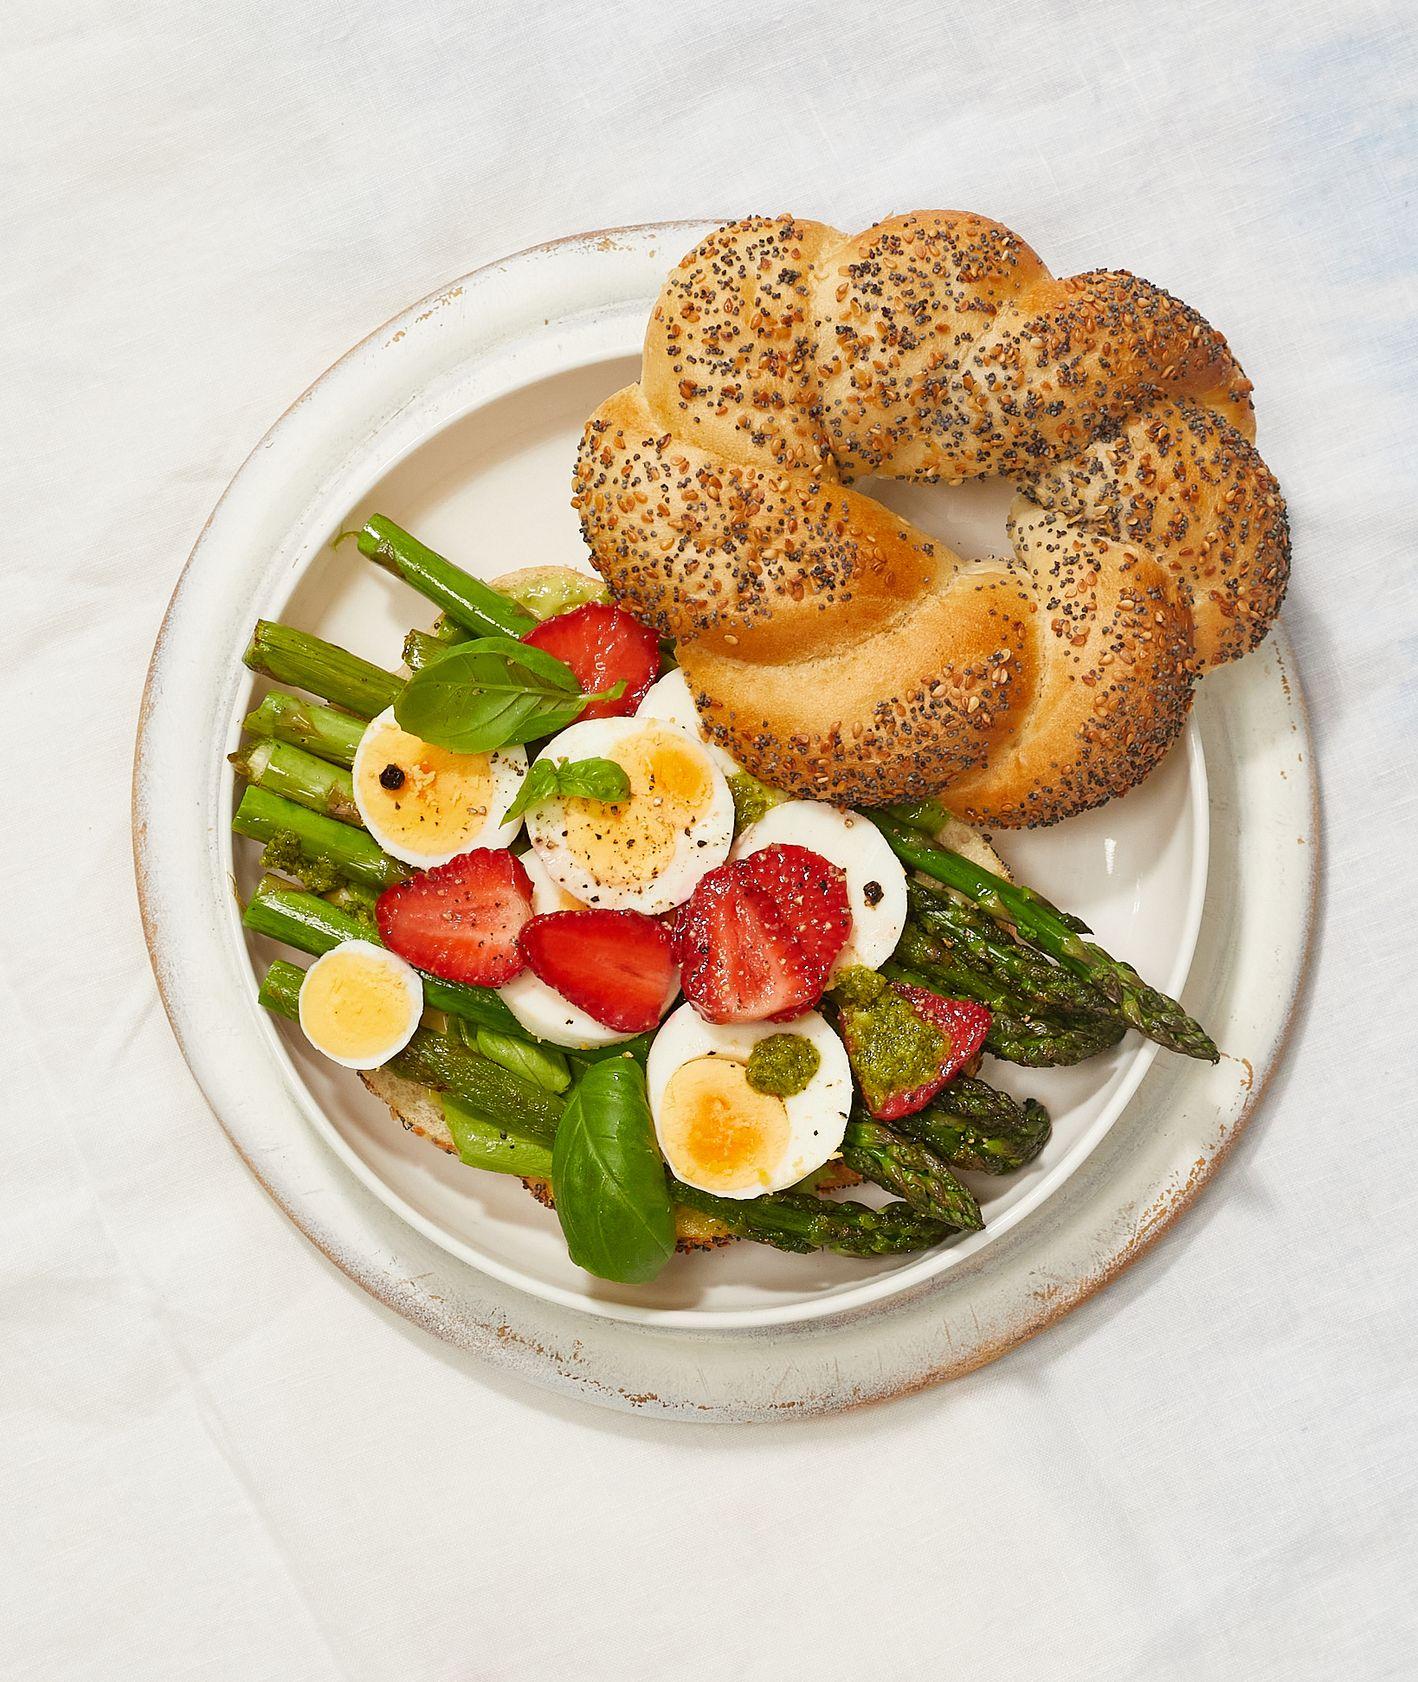 Bajgiel z truskawkami, śniadanie na słono, pomysł na śniadanie z truskawkami (fot. Maciek Niemojewski)